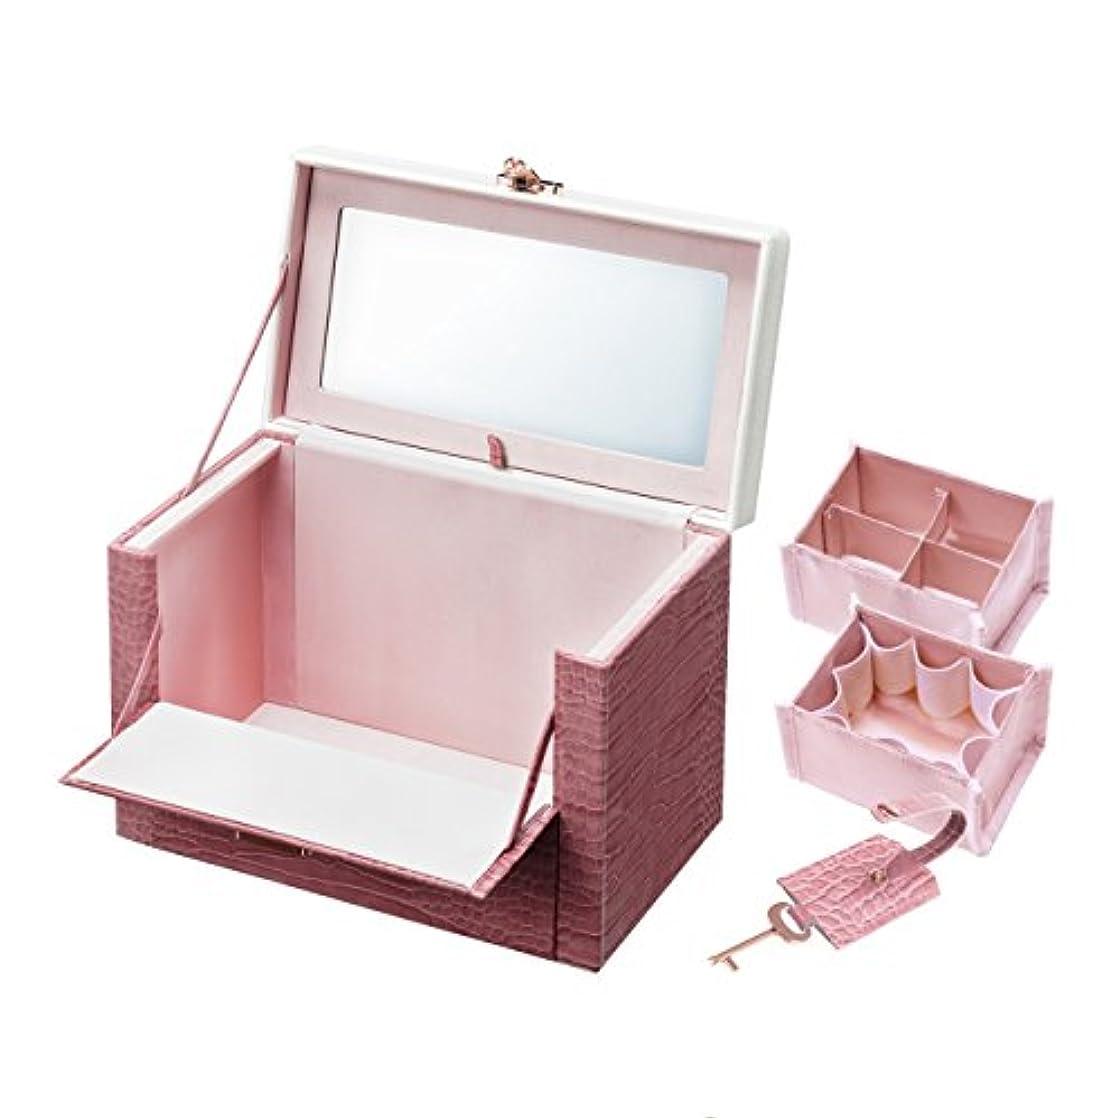 起きろ検出器気づかないワタシ流にカスタマイズできる クロコ柄メイクボックス クラッセ ピンク